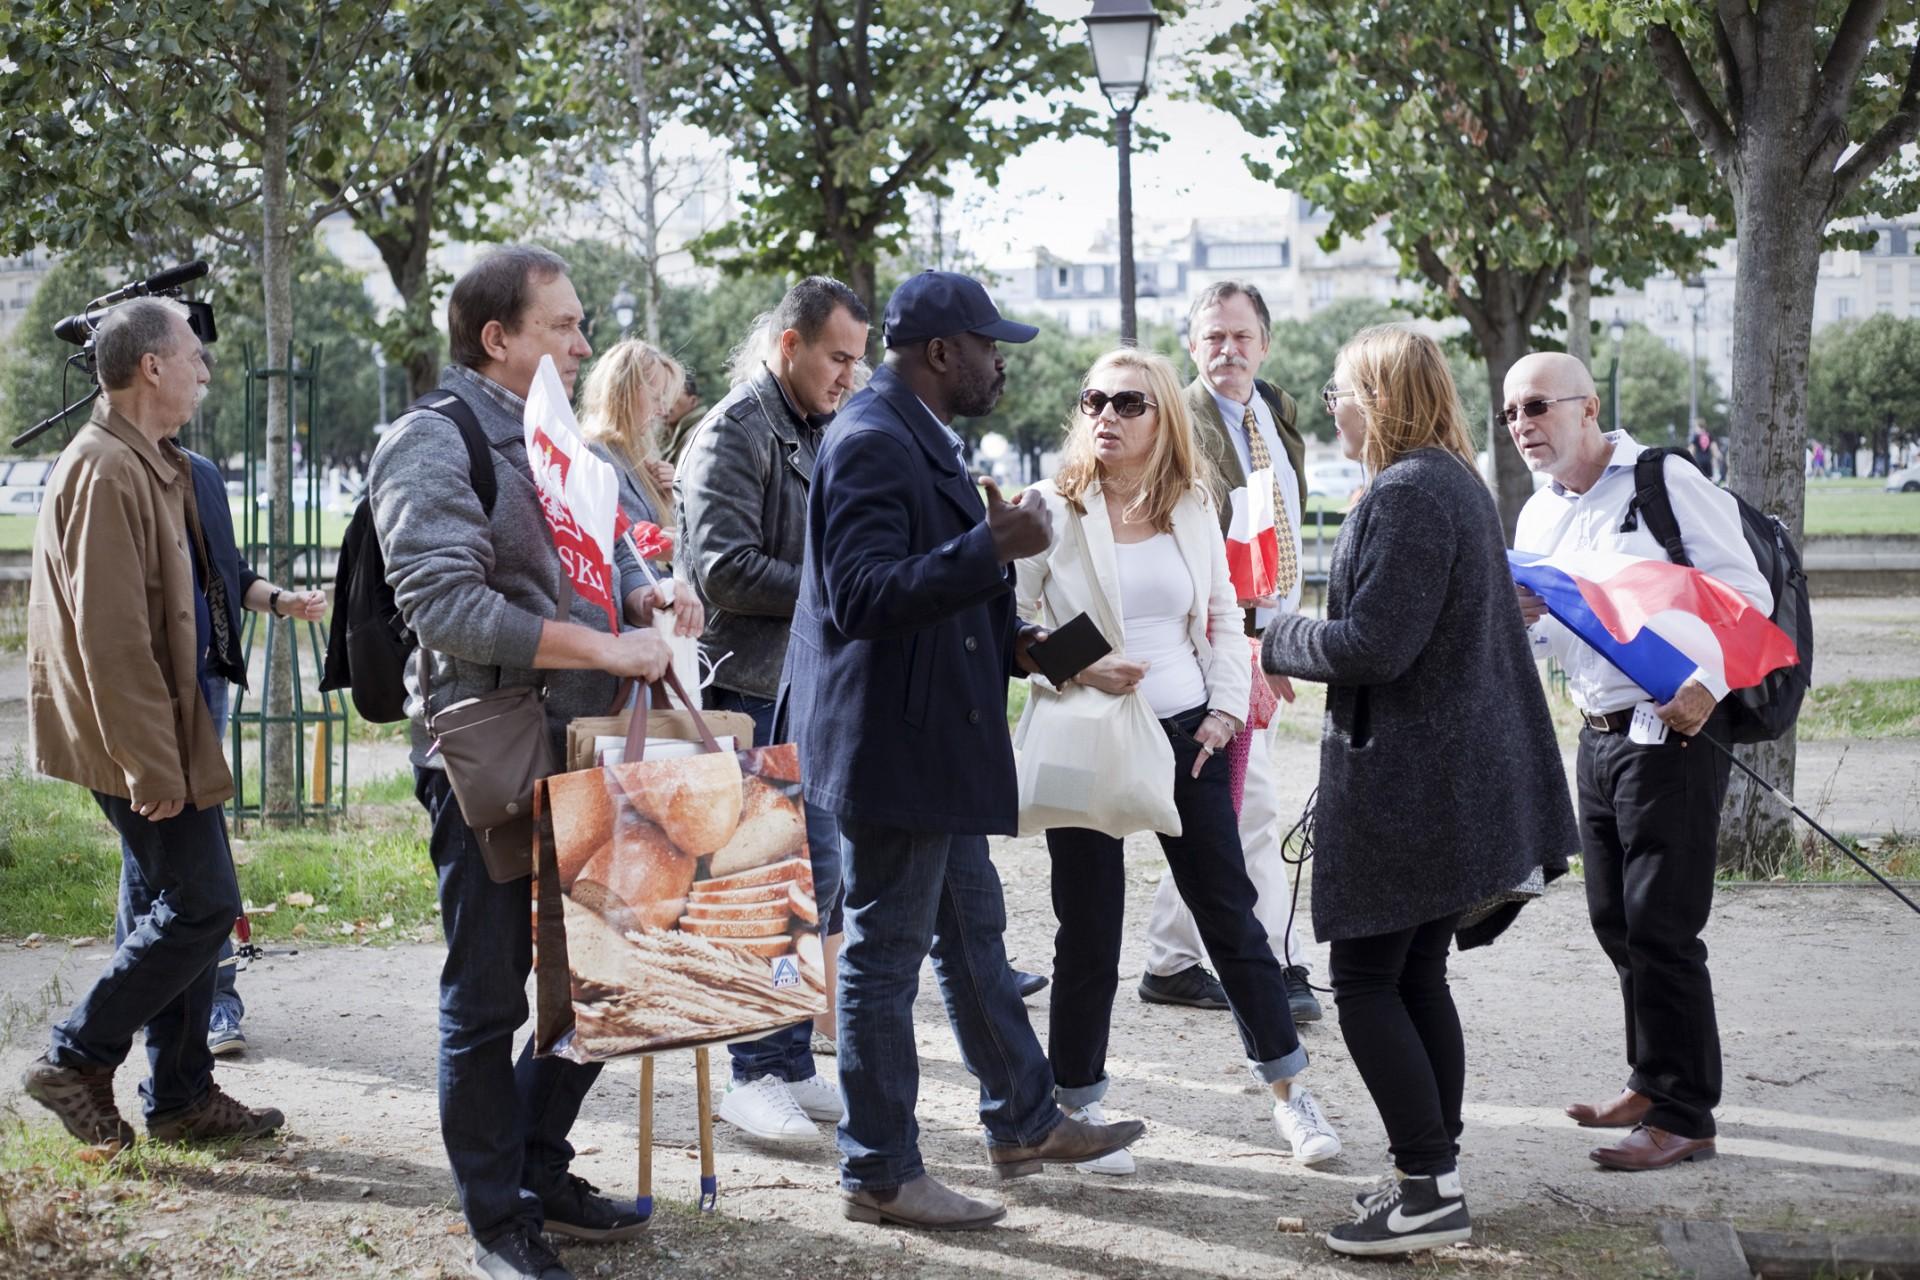 Manifestants favorables à la loi anti-IVG polonaise - Octobre 2016 / Paris